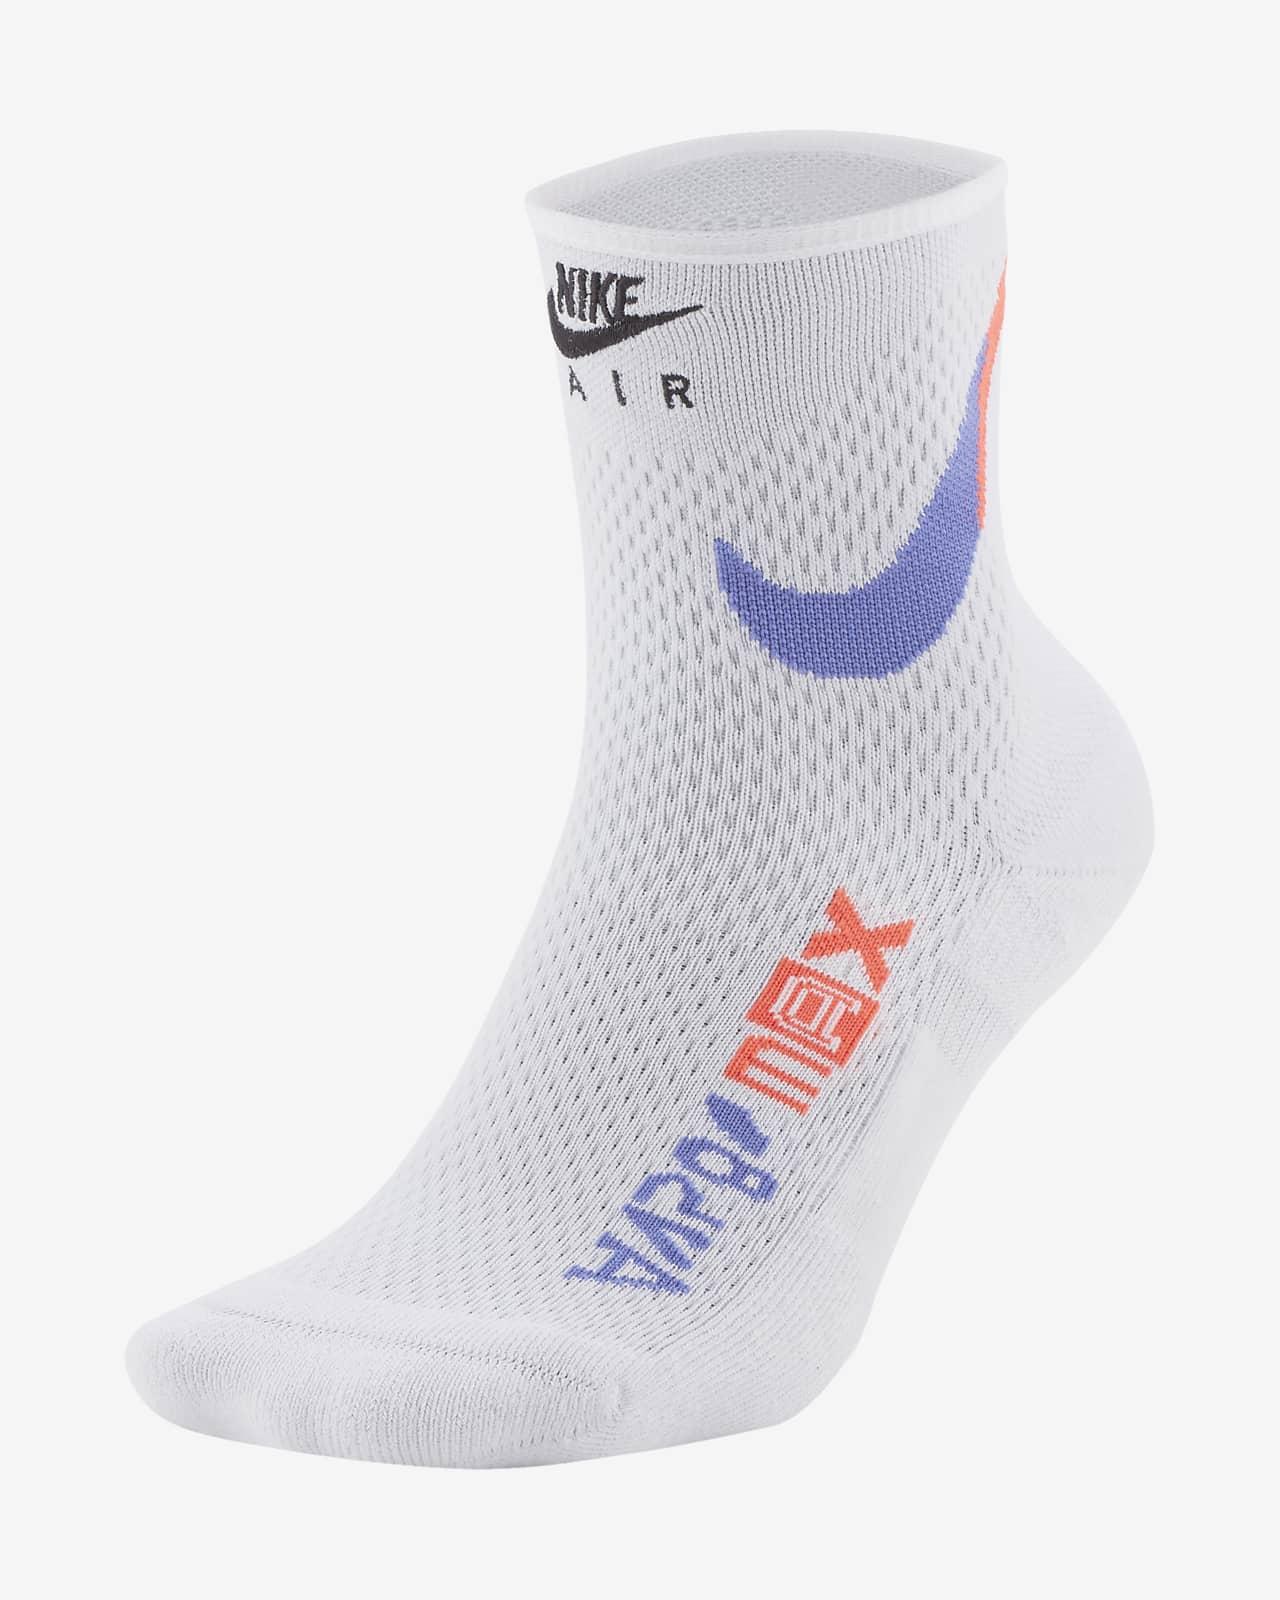 SNKR Sox Ankle Socks